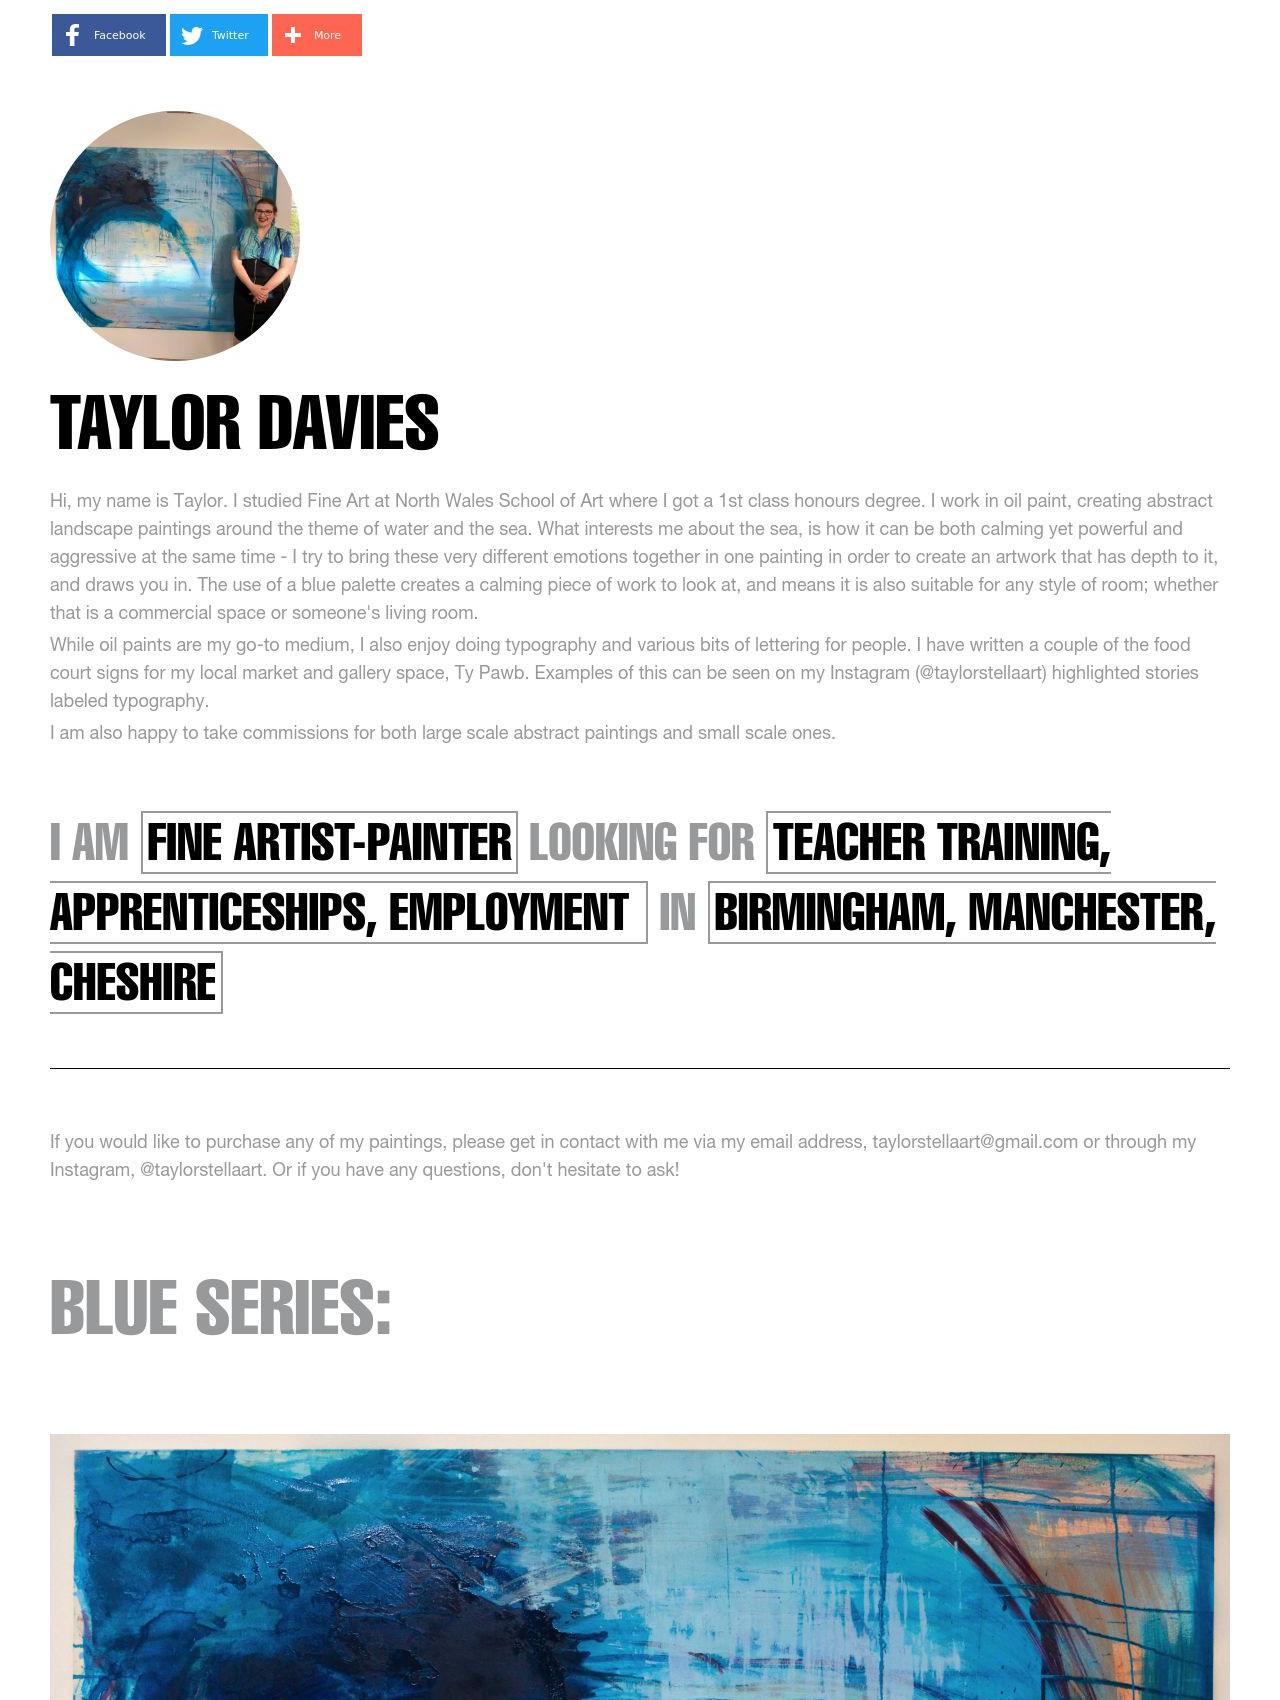 Taylor Davies